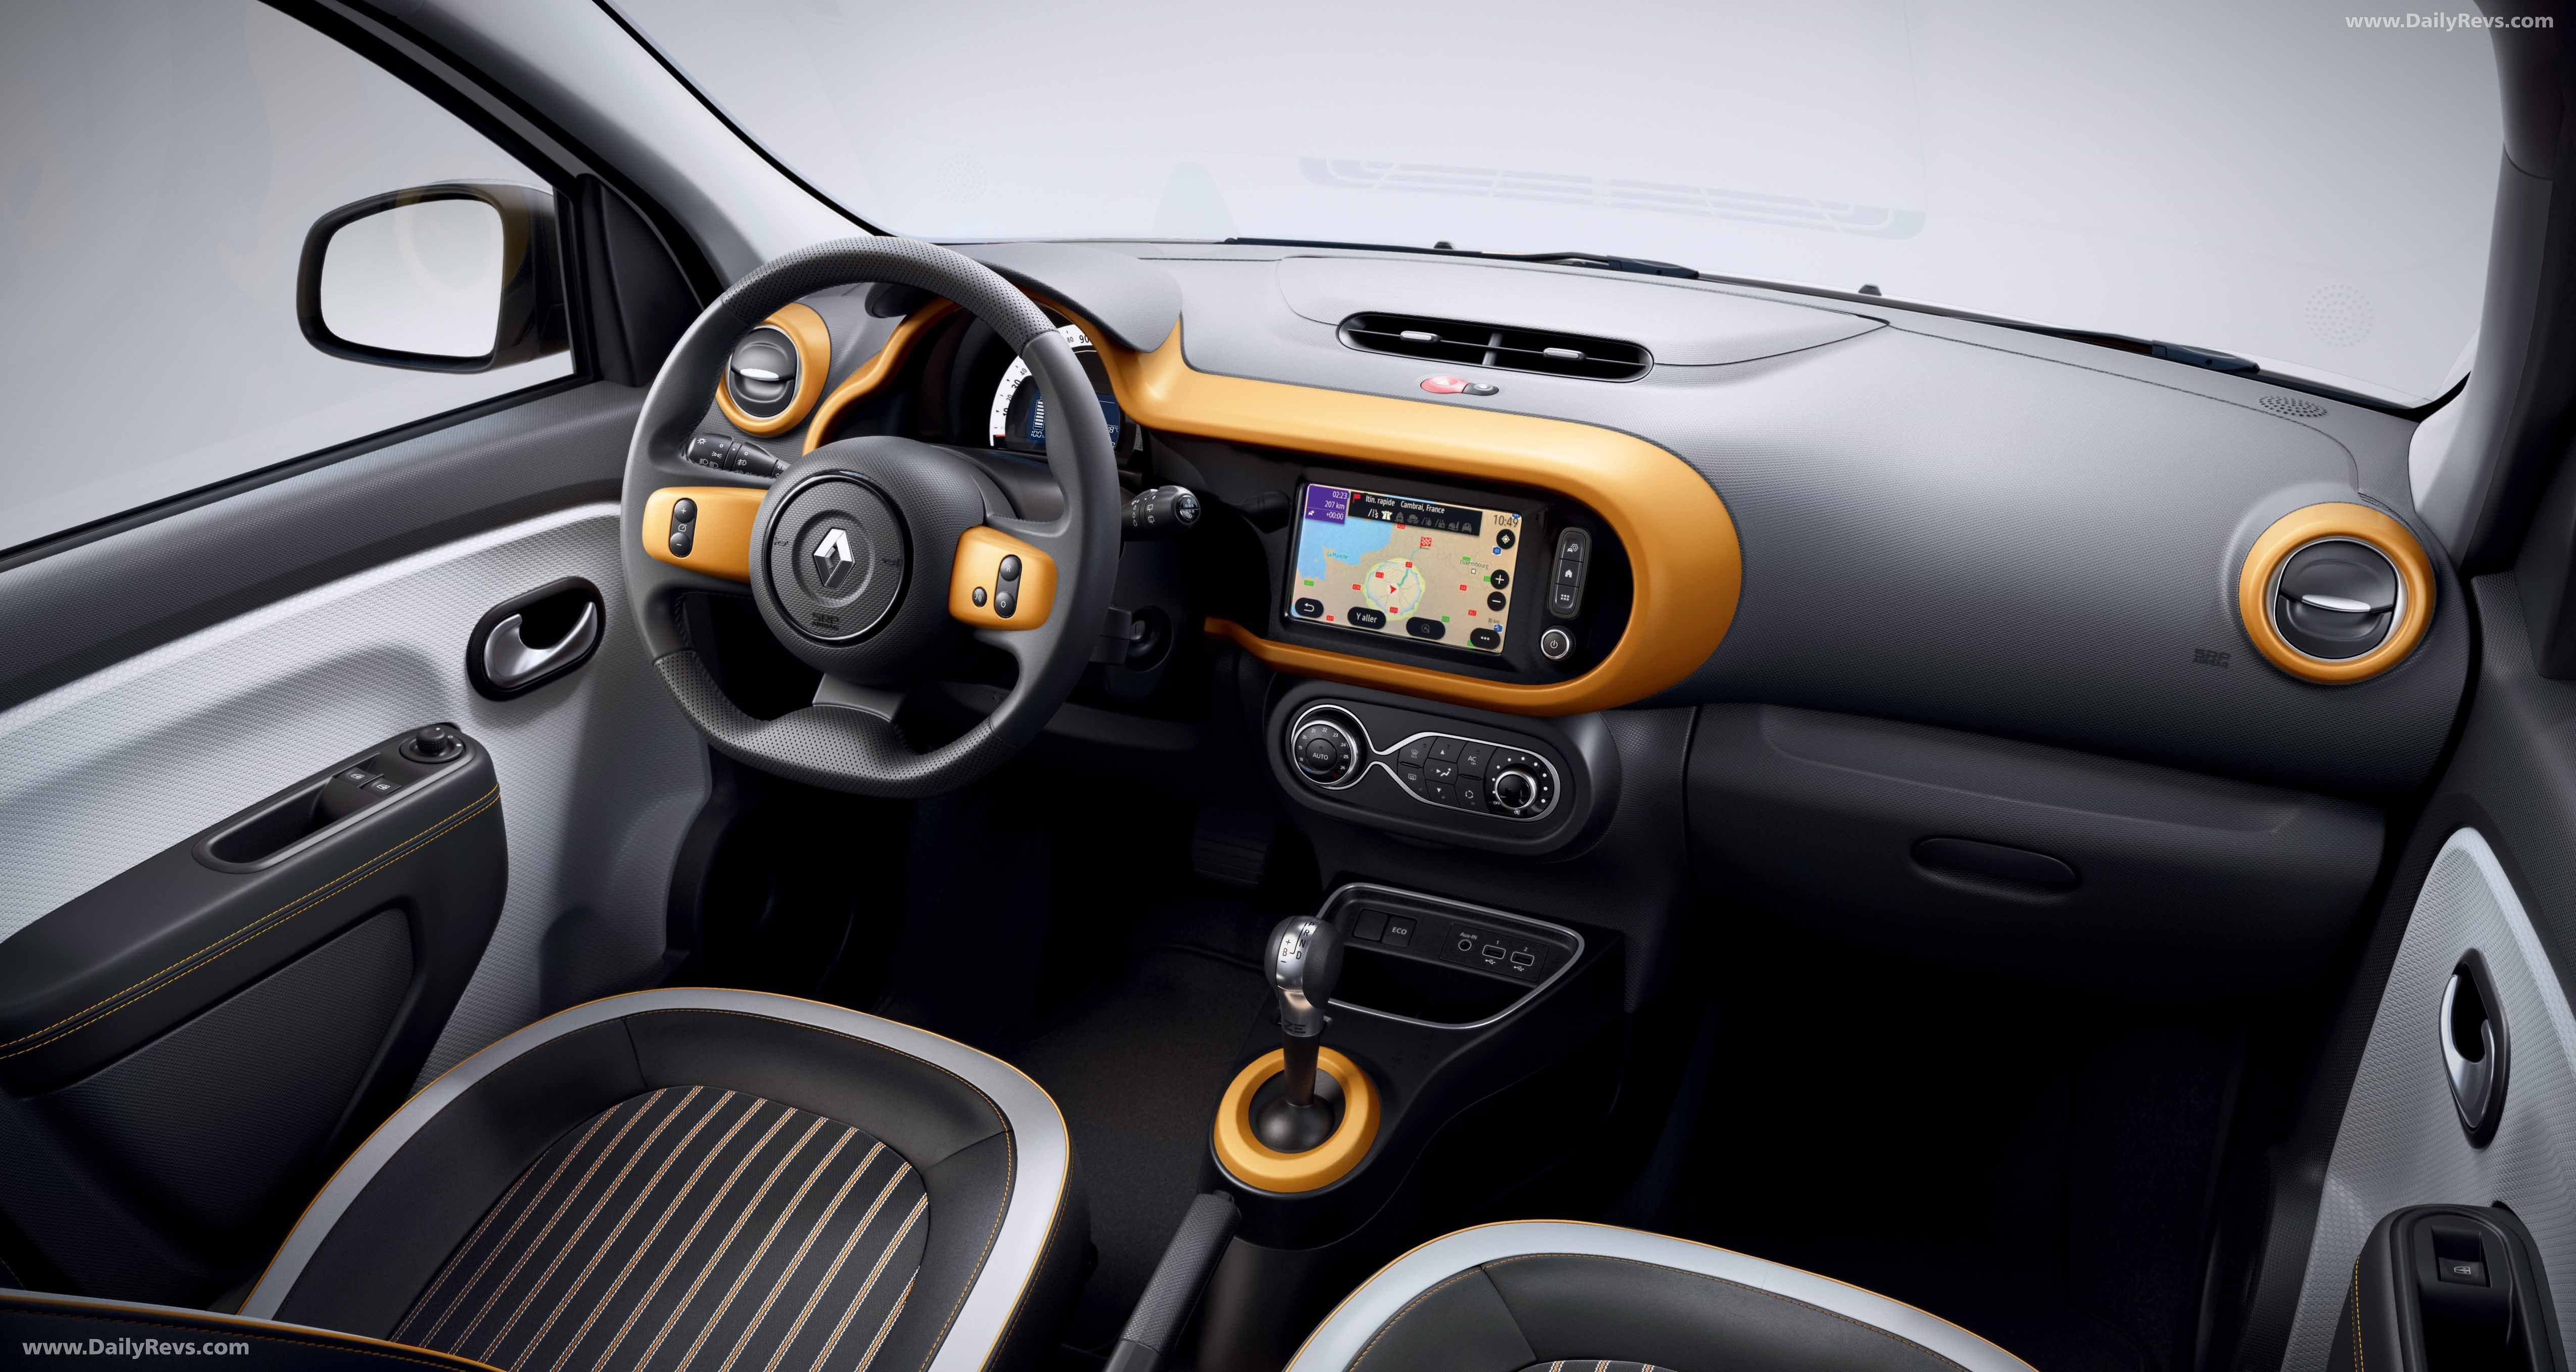 2020 Renault Twingo Z E Dailyrevs In 2020 Steering Wheel Gear